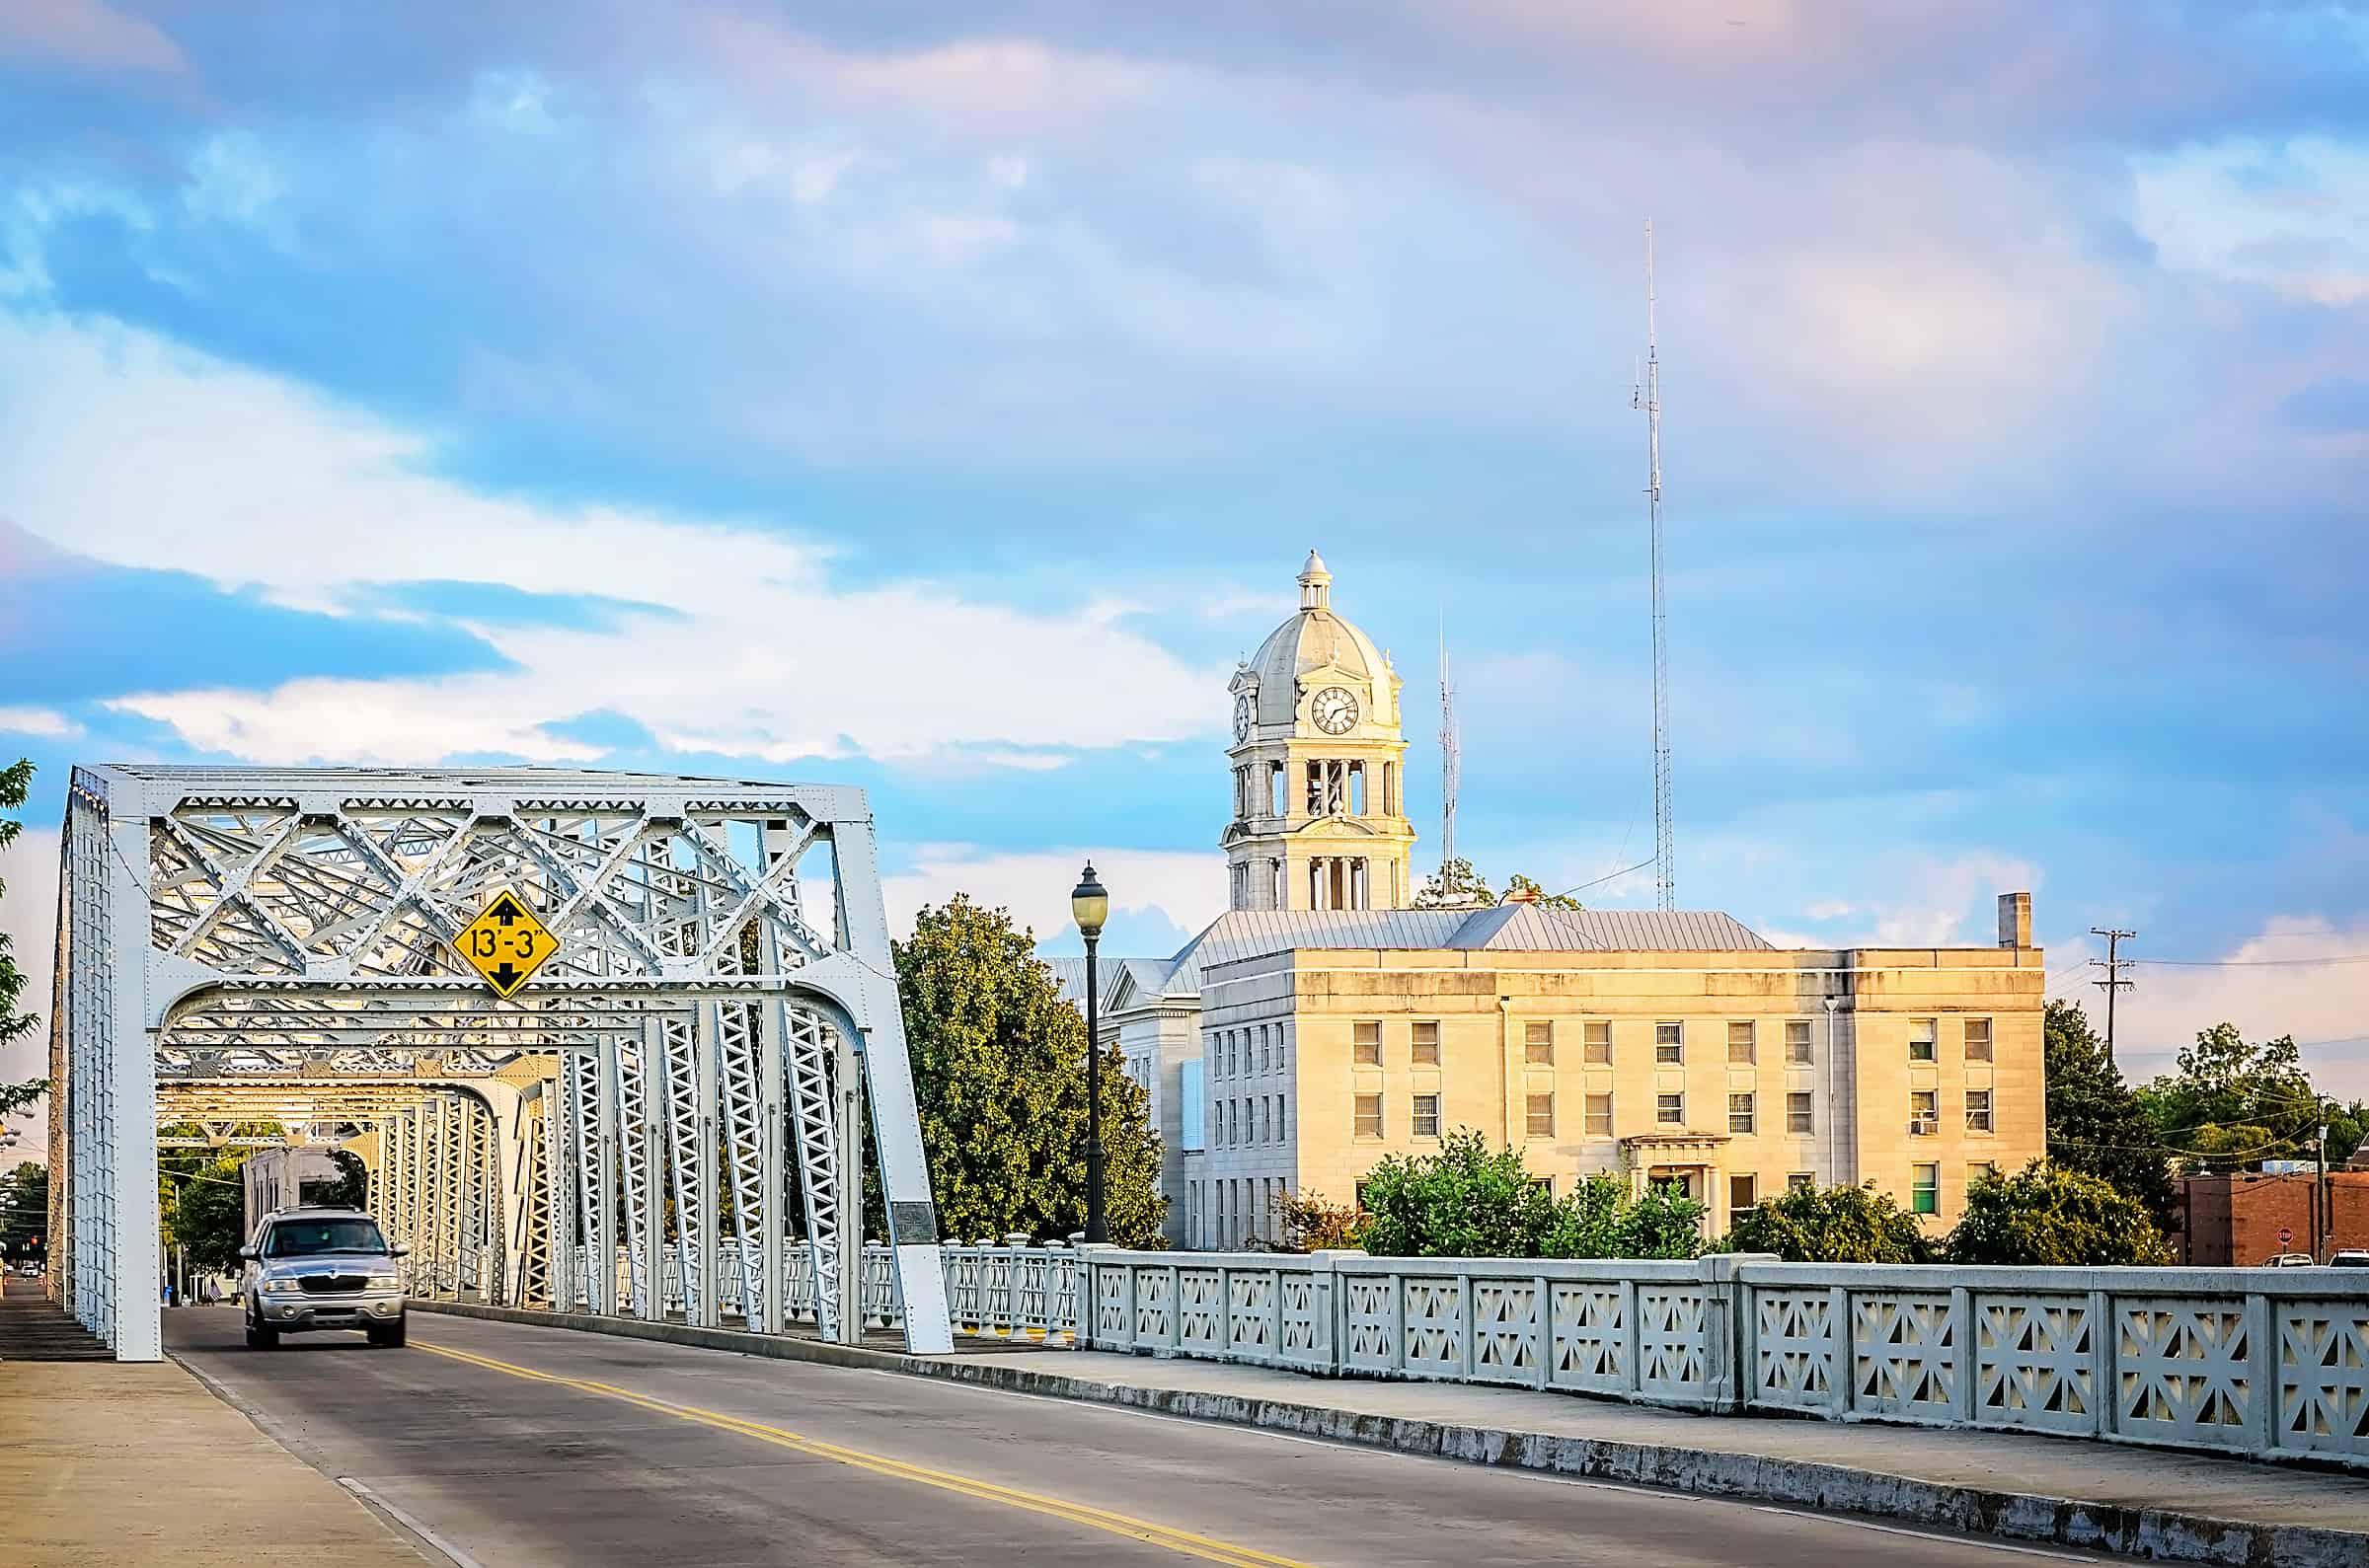 Keesler Bridge in Greenwood, Mississippi